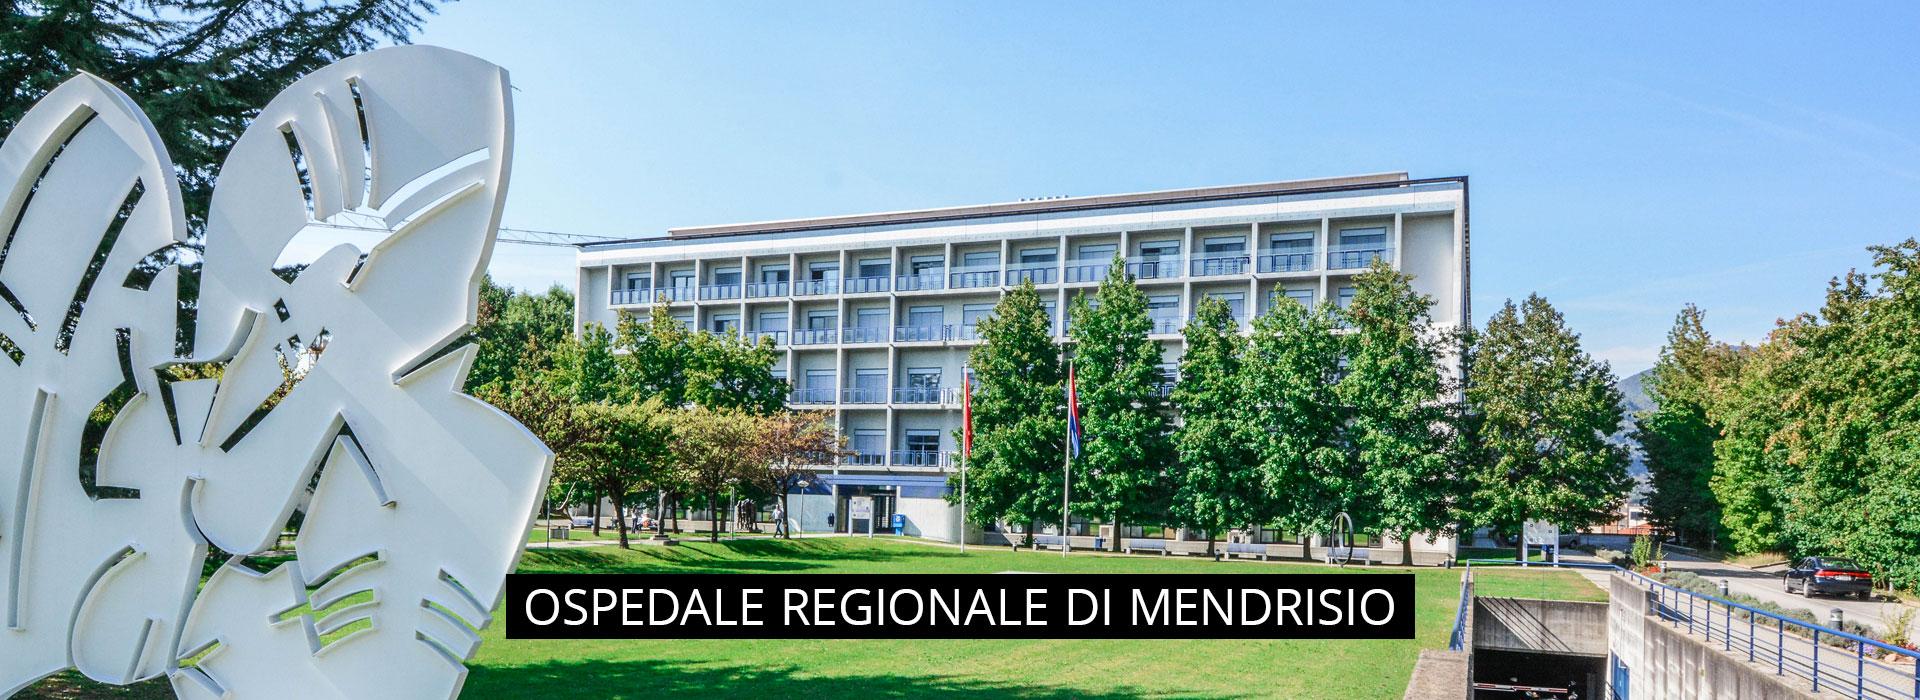 OSPEDALE-REGIONALE-MENDRISIO